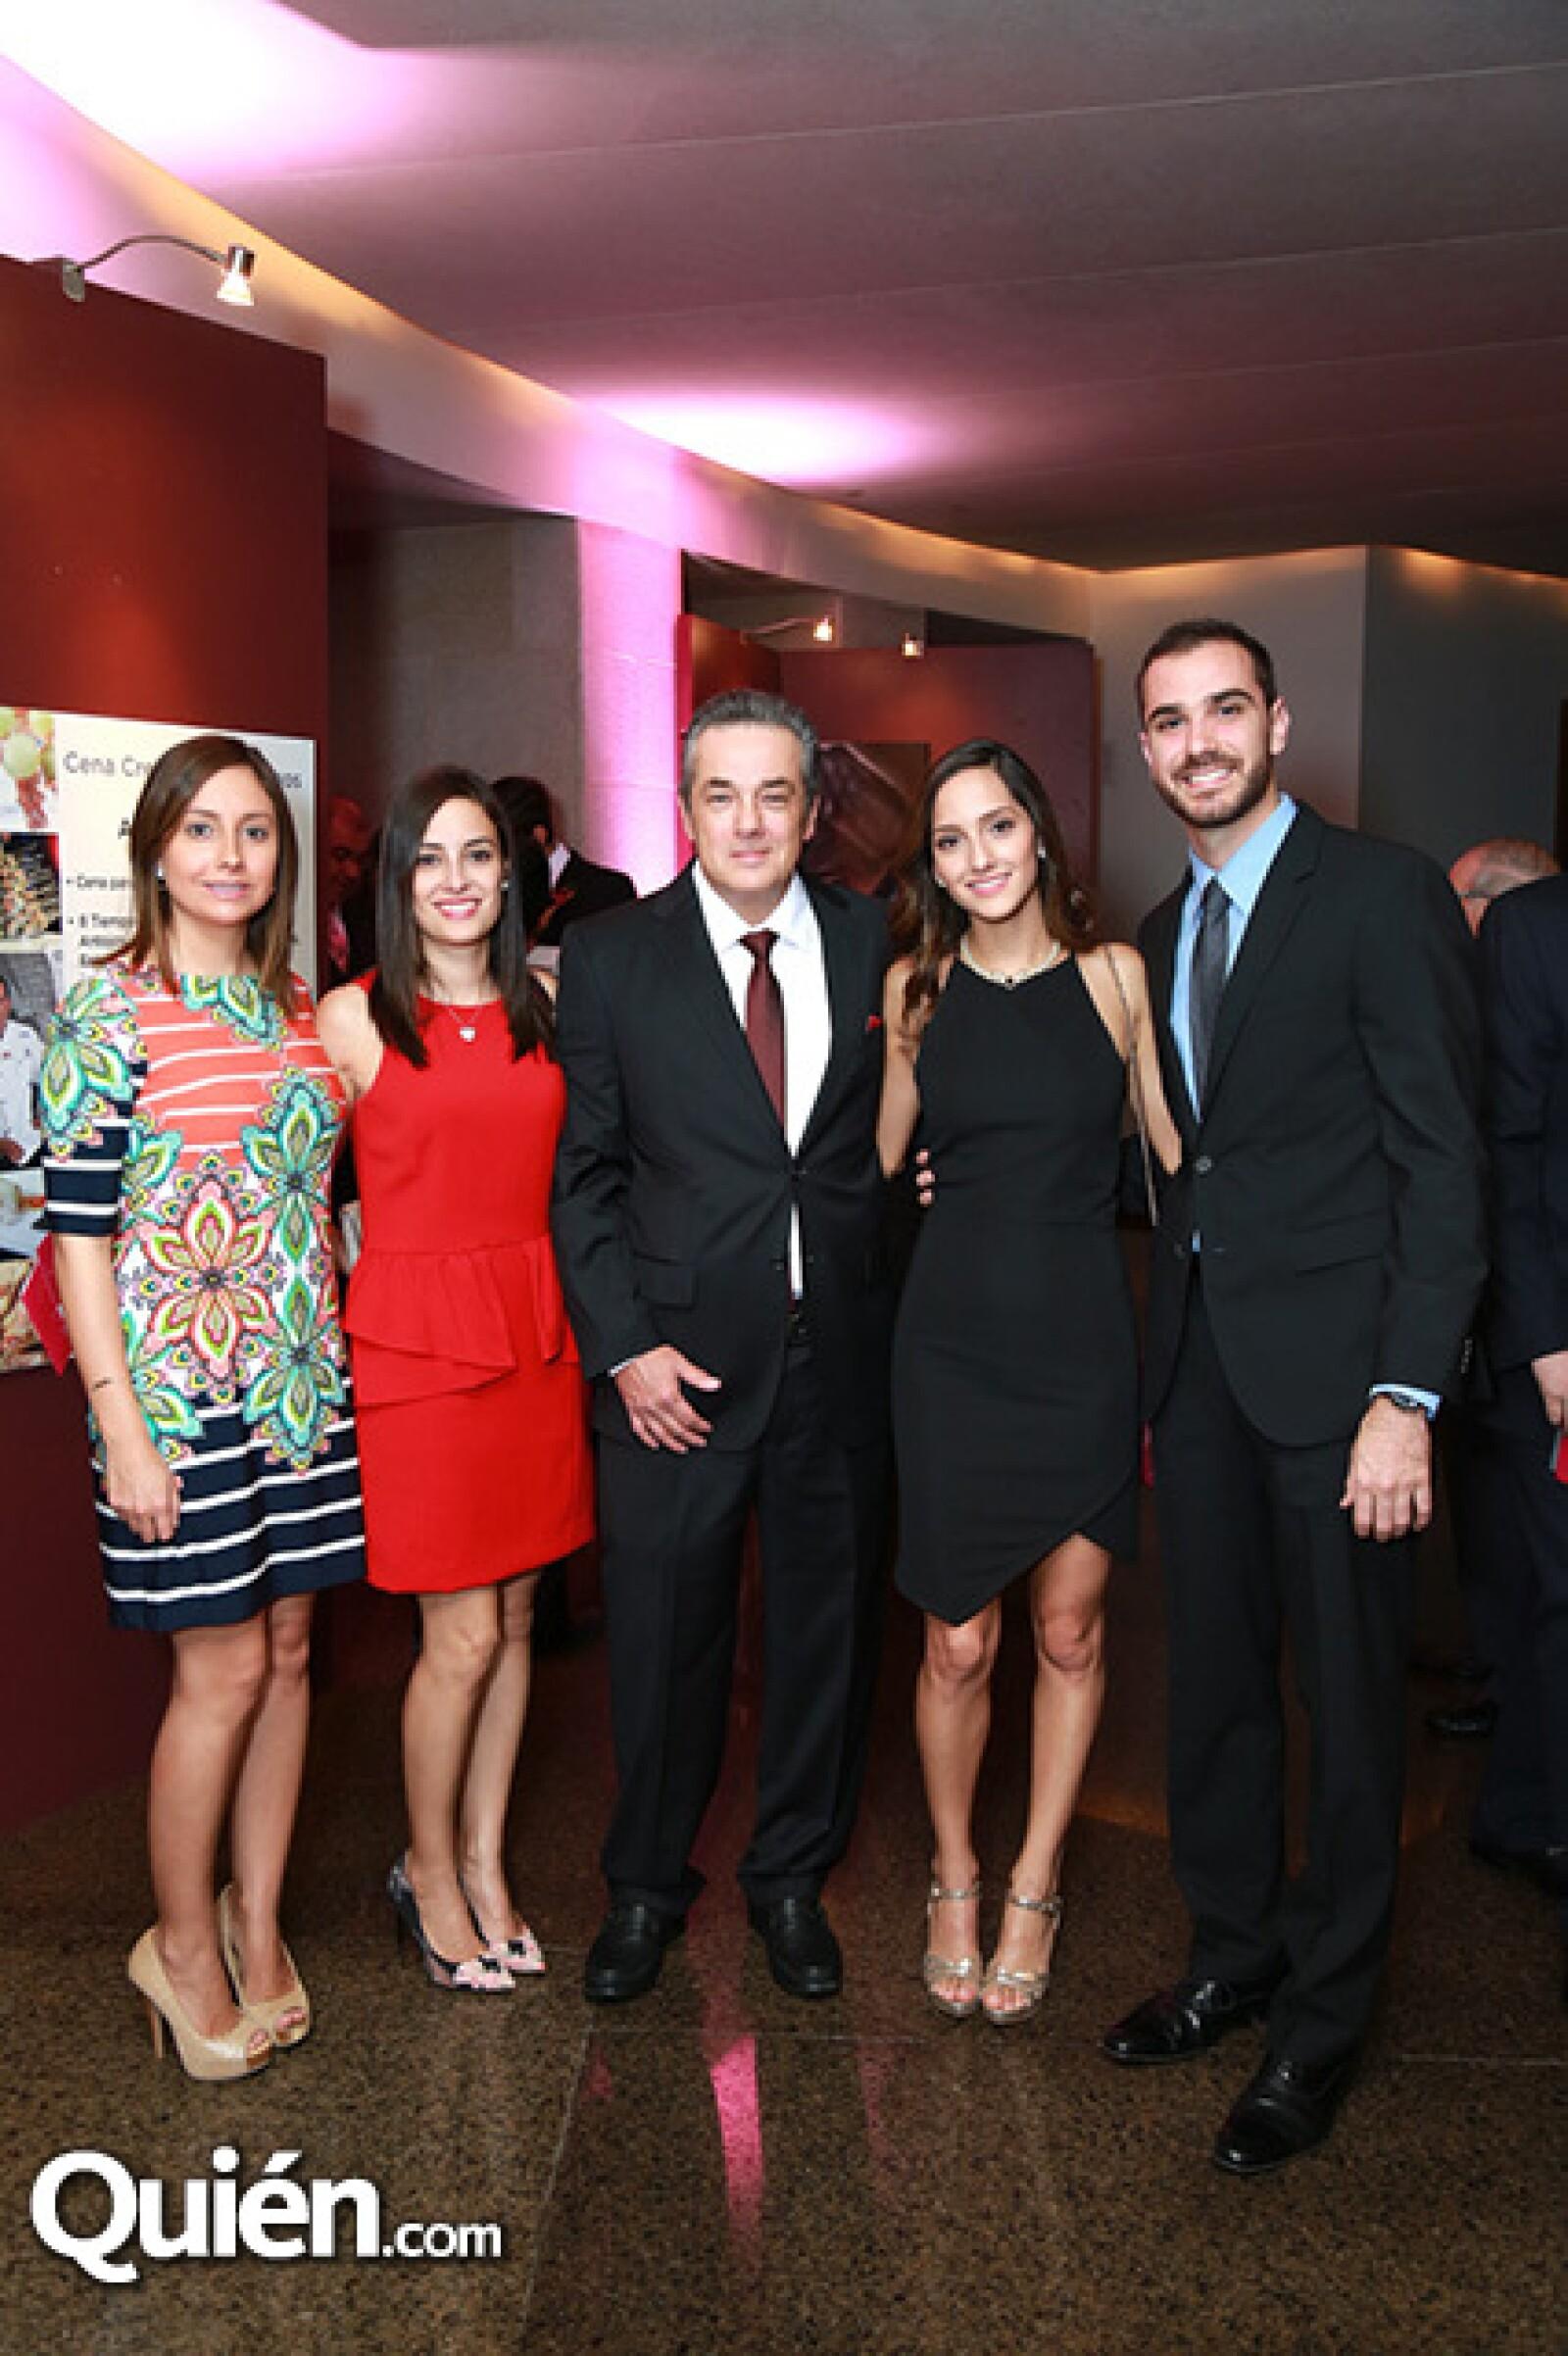 Viviana Delgado,Mónica Delgado,Rodolfo Delgado,Ana Delgado y Sebastián Cueva